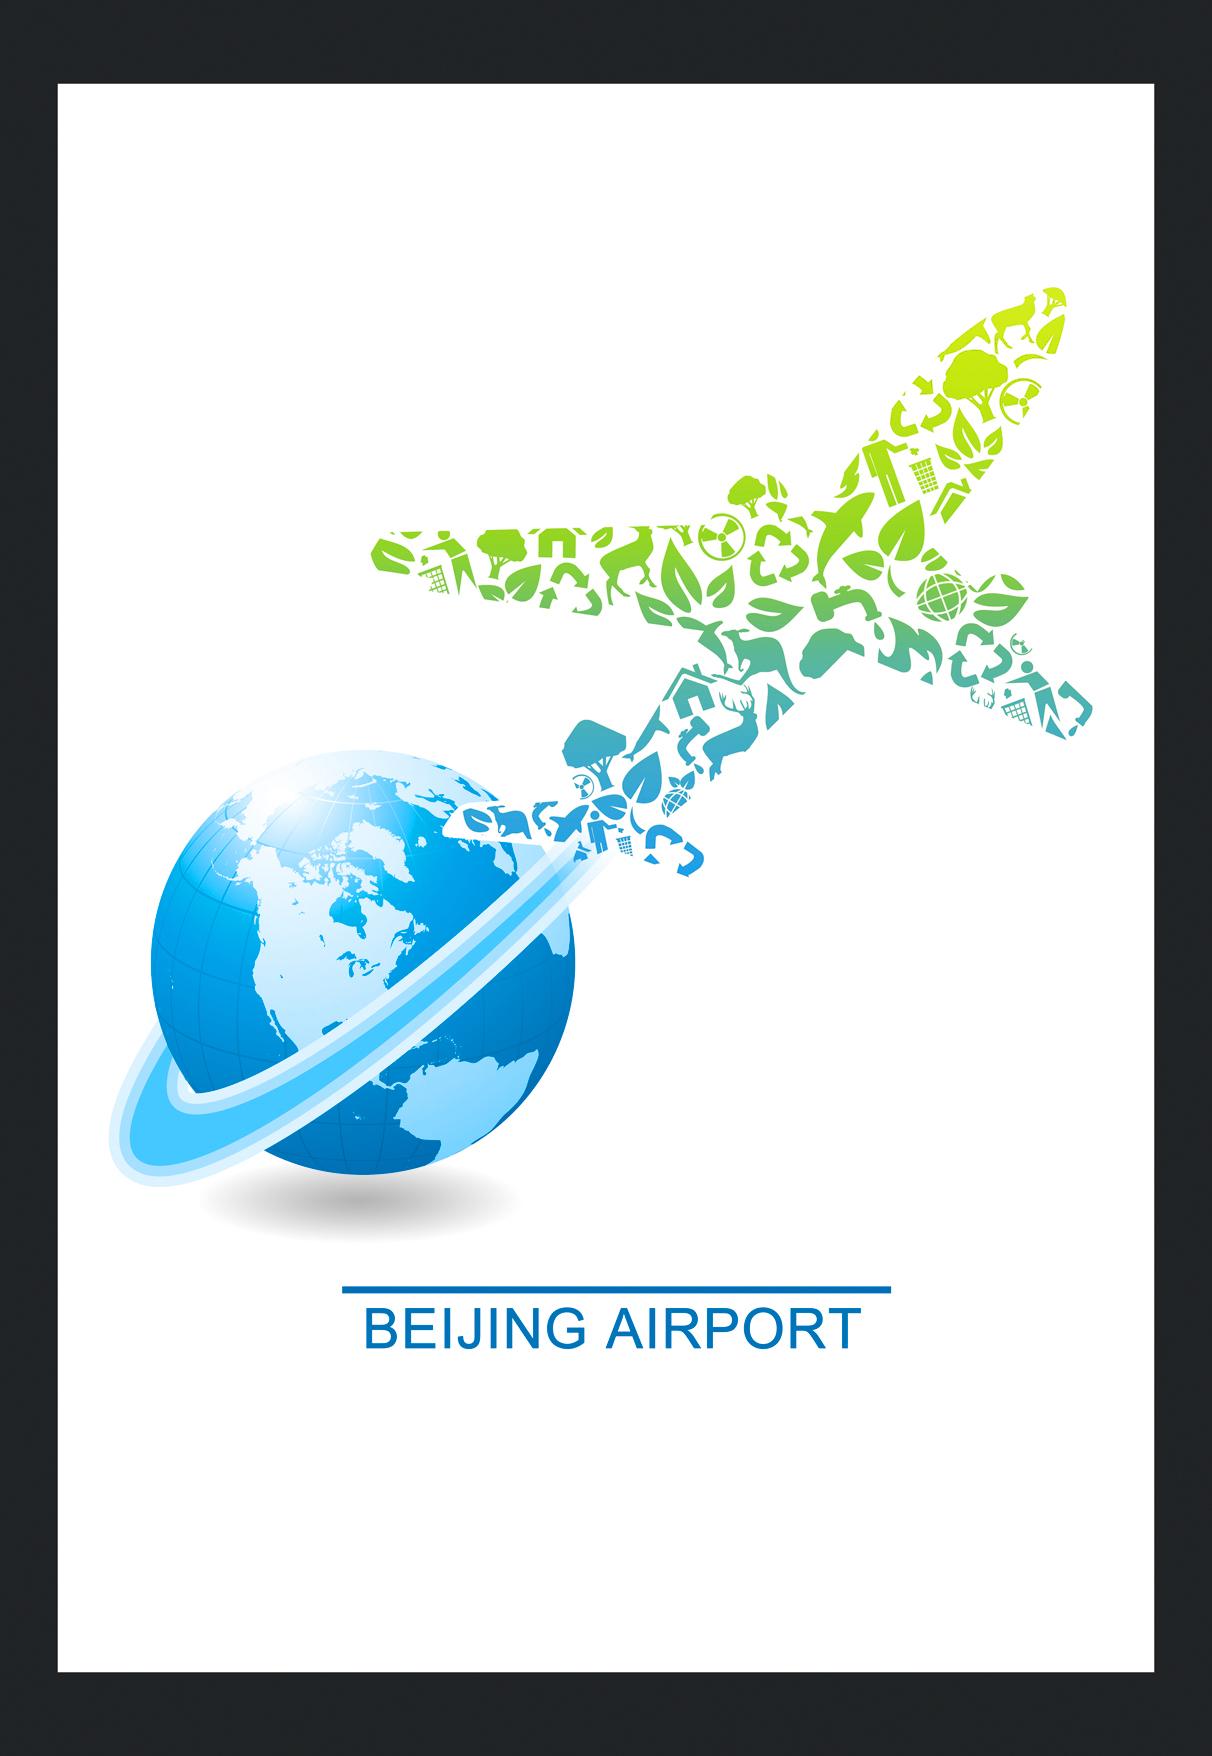 由环保icon拼凑的飞机形象环绕地球延展出绿色旅行的意义